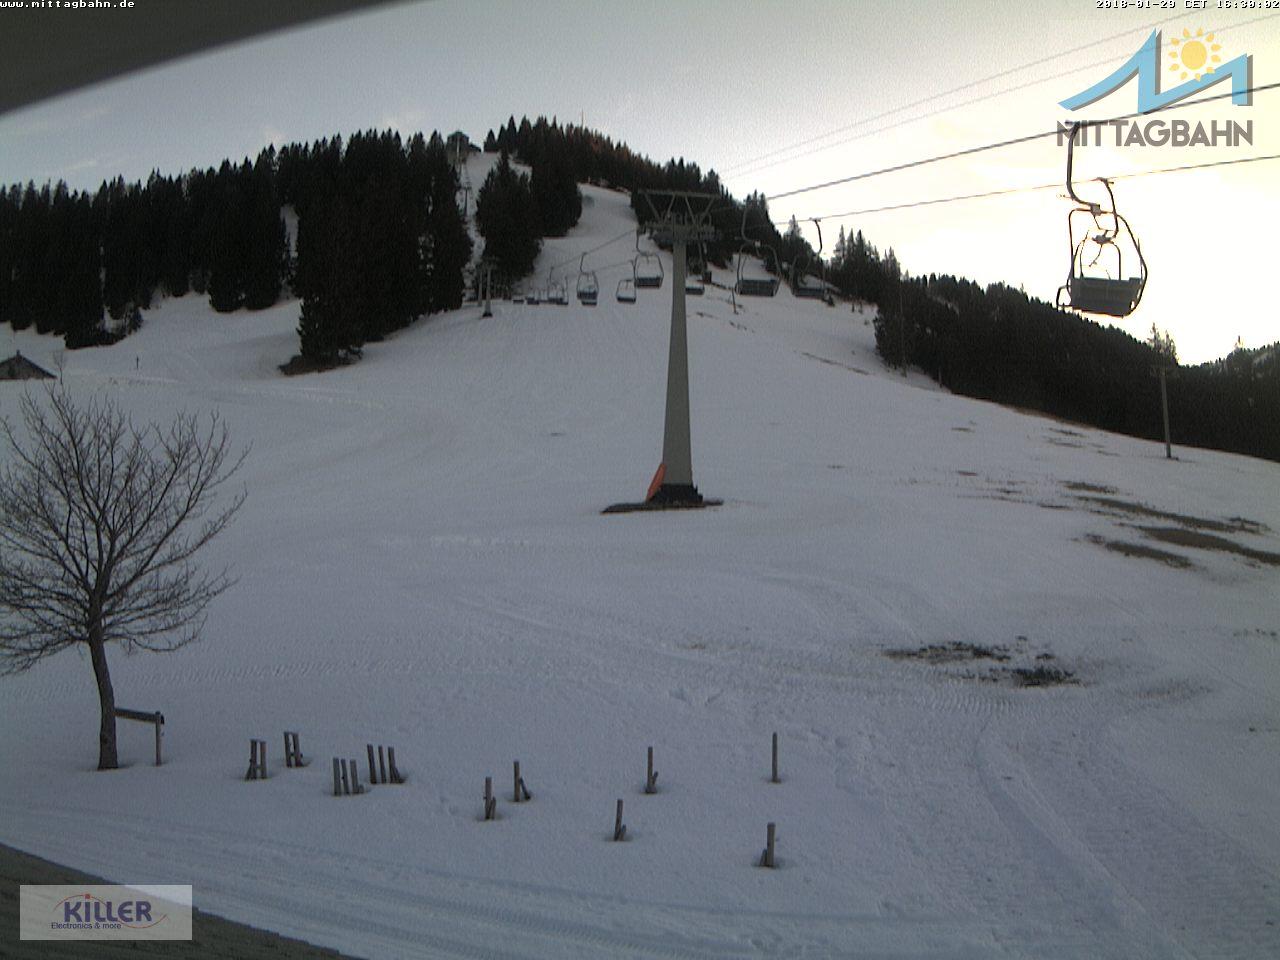 Webcam Skigebied Immenstadt - Mittag cam 6 - Allg�uer Alpen